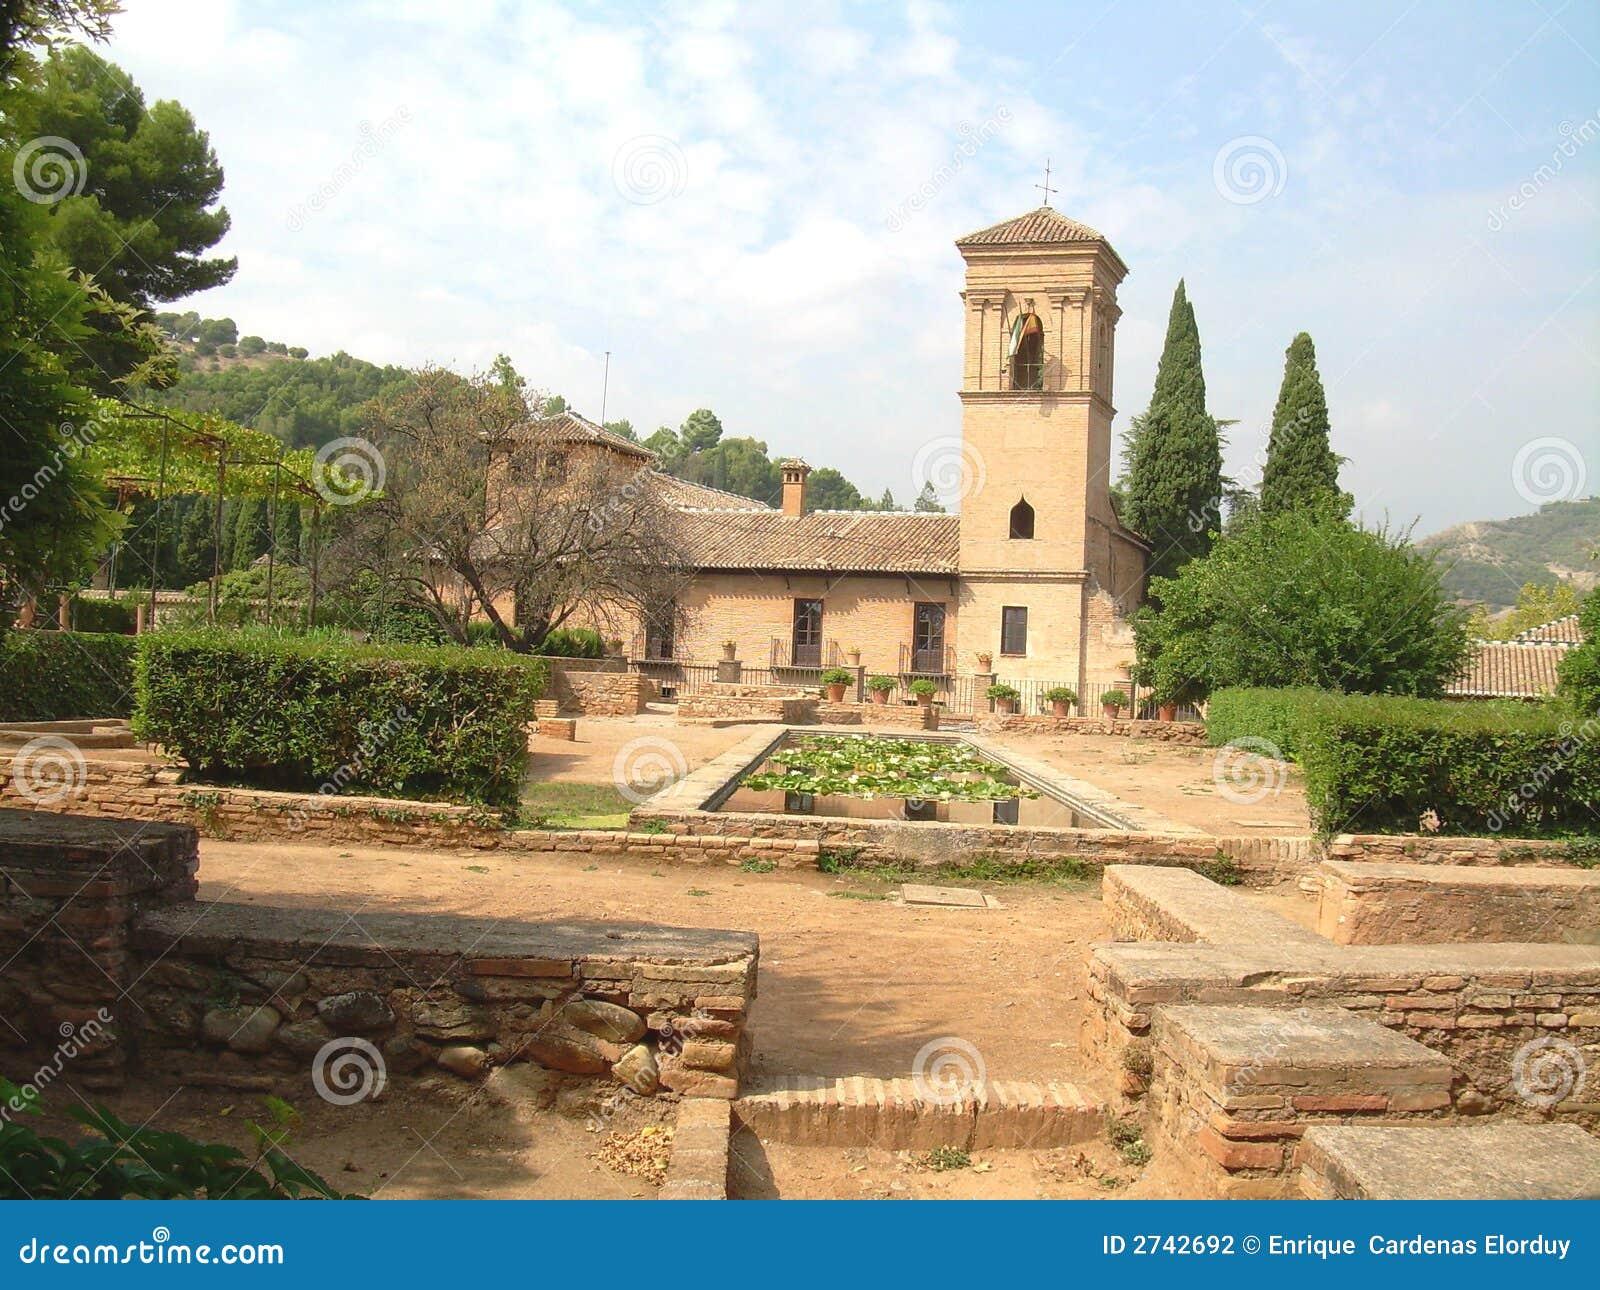 Spain Alahambra Moorish Patio